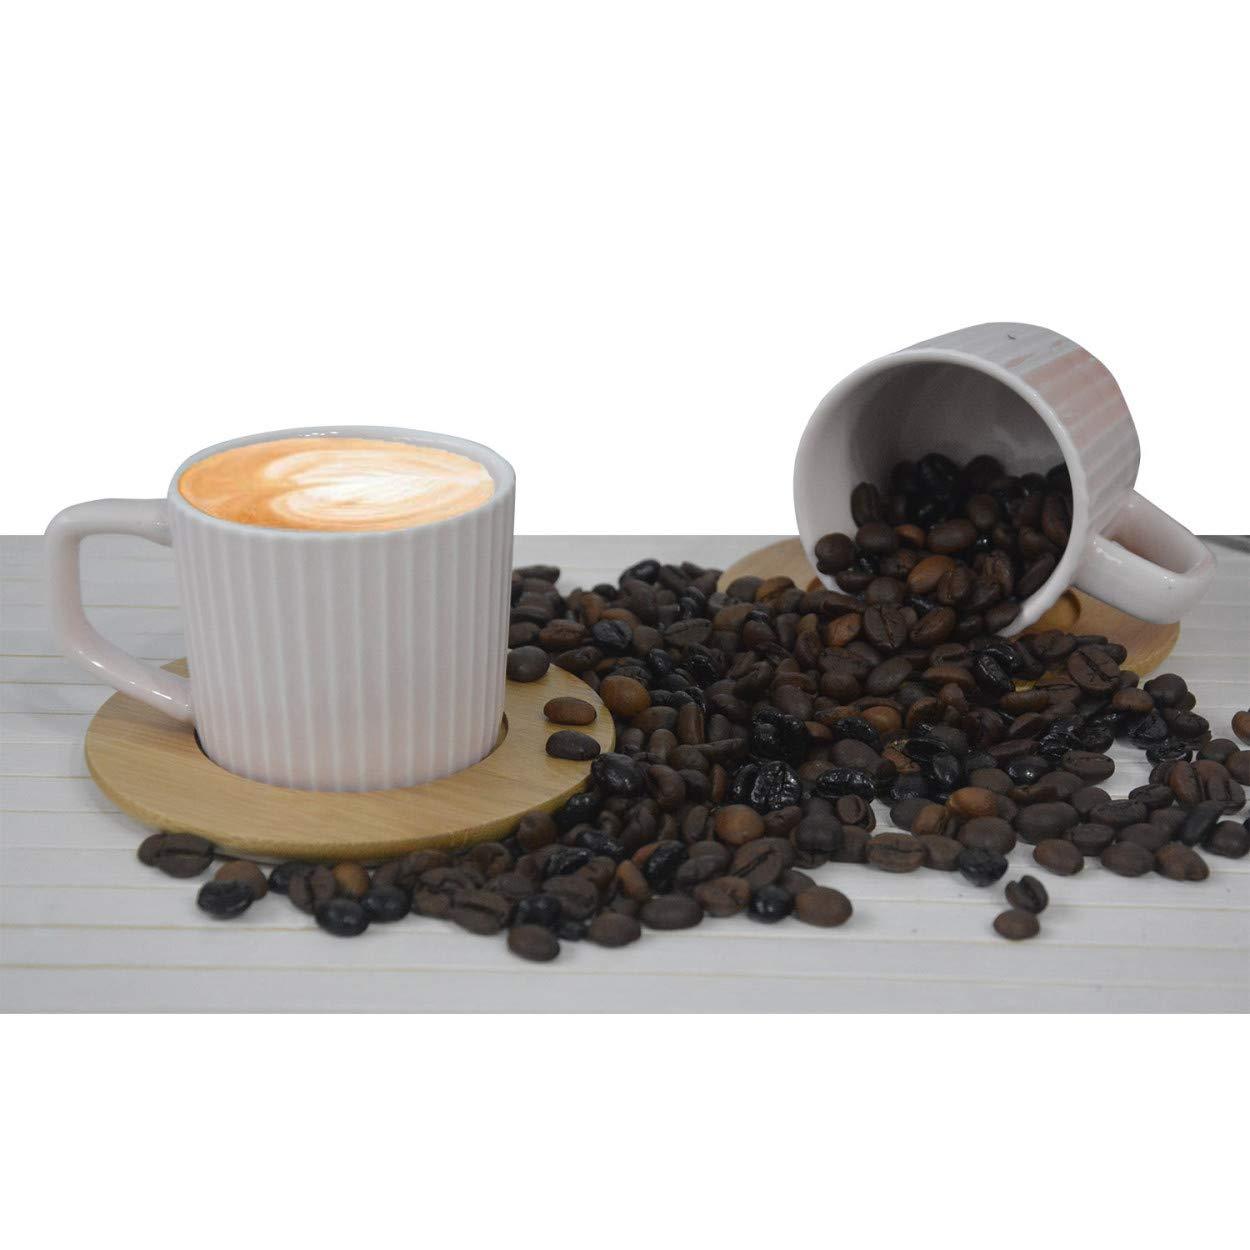 Tazas de Caf/é 6 Unidades Hogar y Mas Juego de Caf/é Natura Rosa Palo Moderno 100 ml 6 Tazas con Platos de Bamb/ú